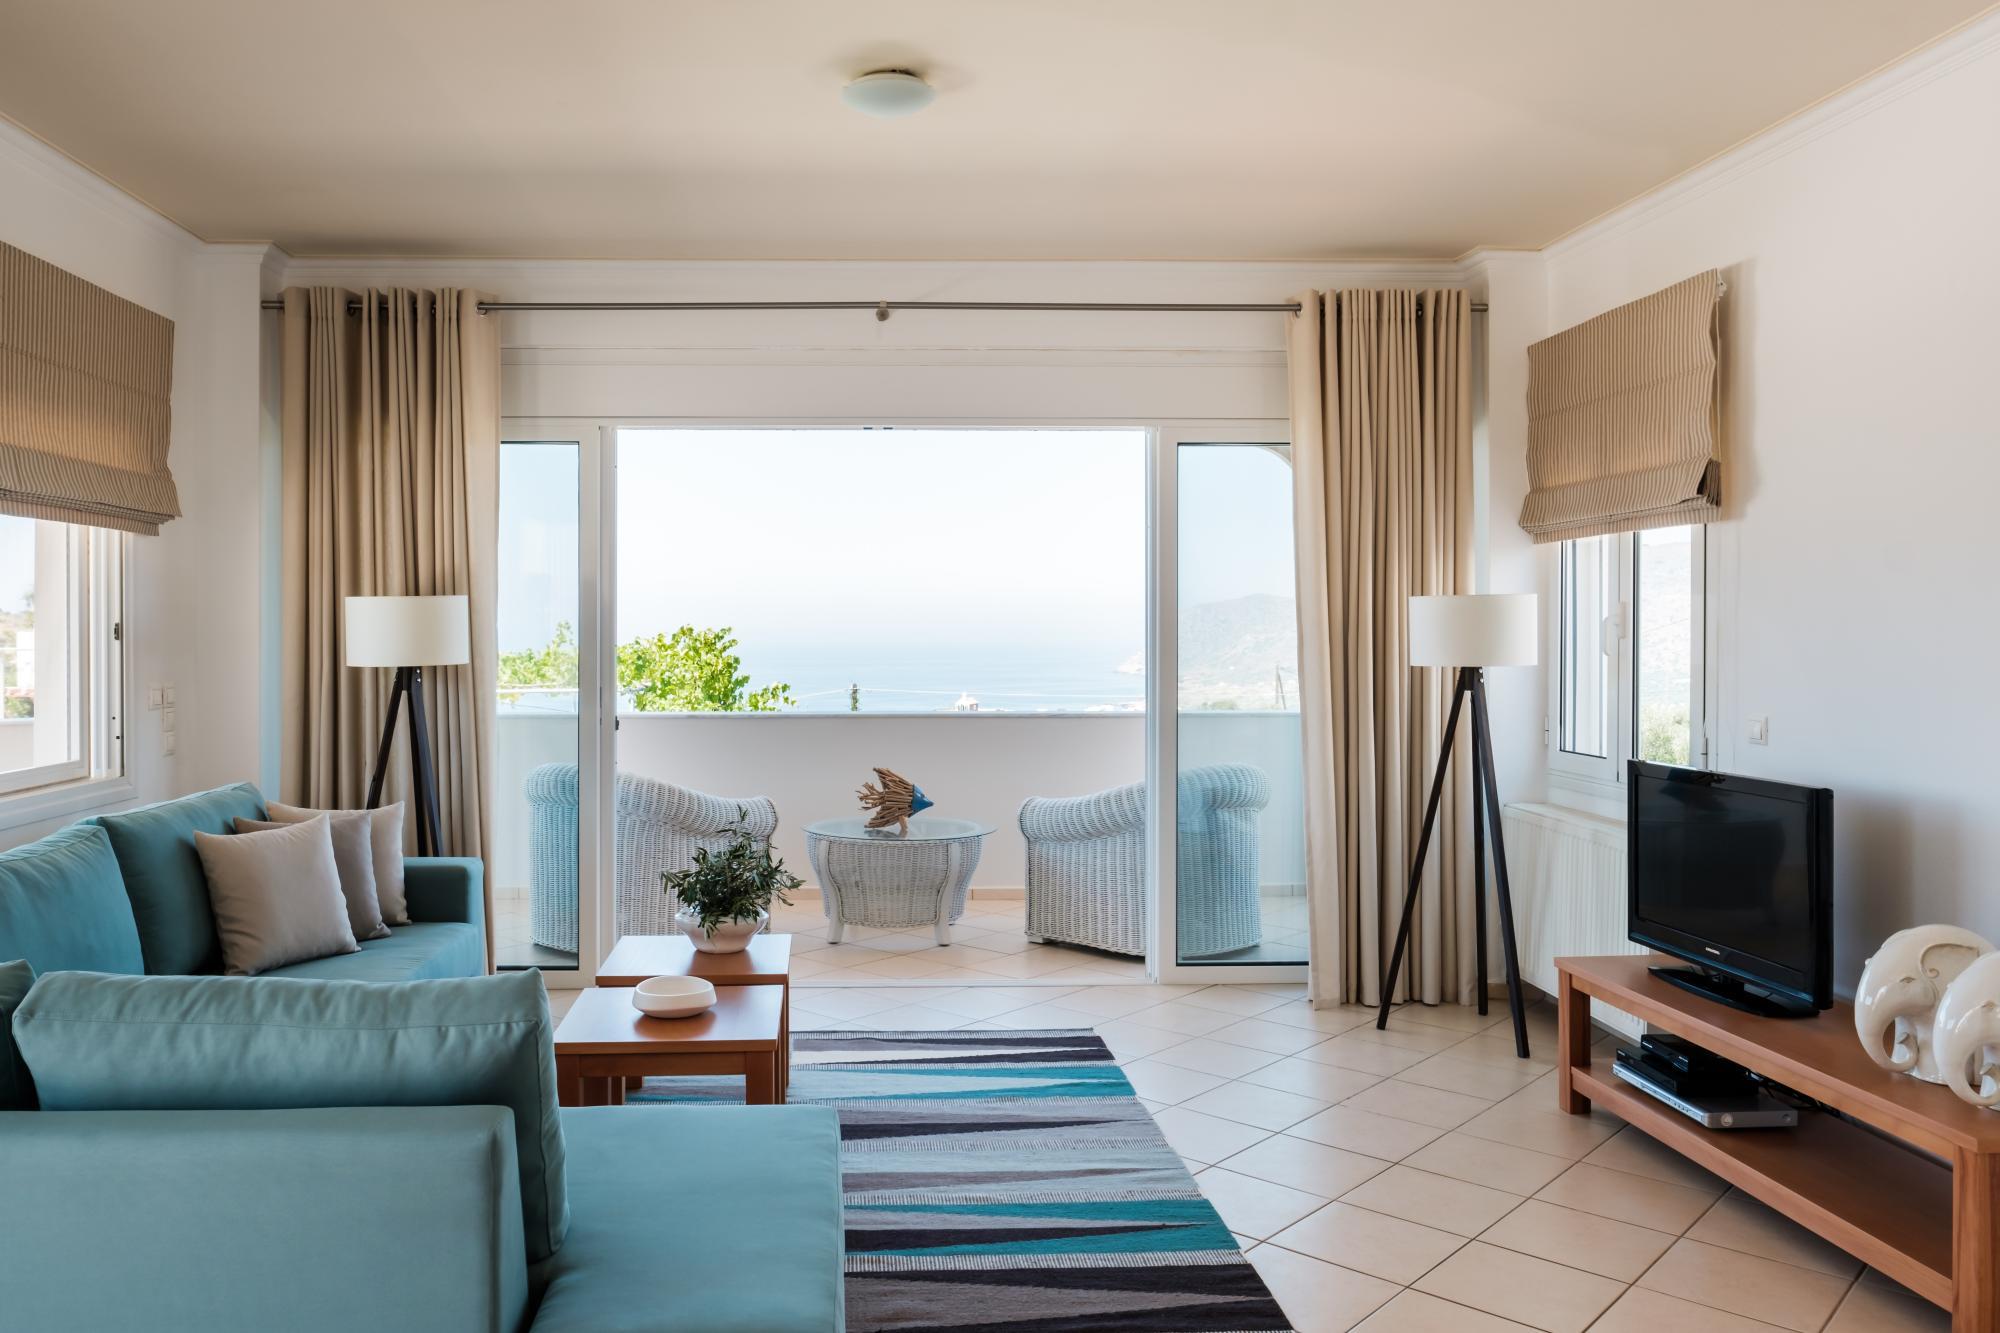 Magnifique Villa De 3 Chambres Avec Piscine Et Vue Sur La Mer.                            Magnifique Villa De 3 Chambres Avec Piscine Et Vue Sur La Mer.                 